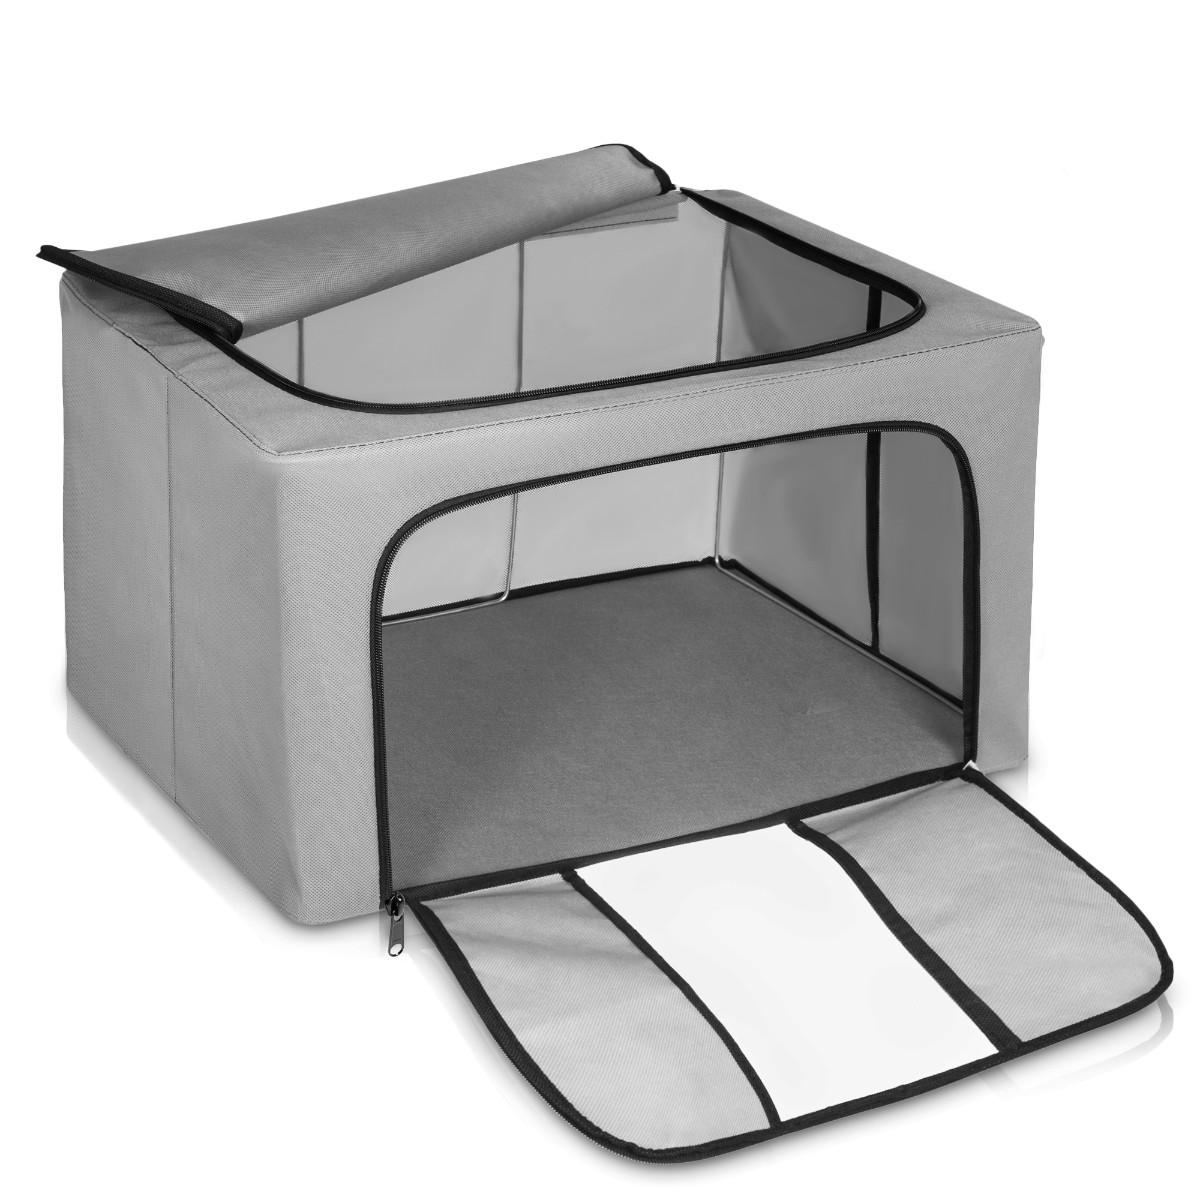 3xclothing Organizer Bags Foldable Storage Box Xl Capacity